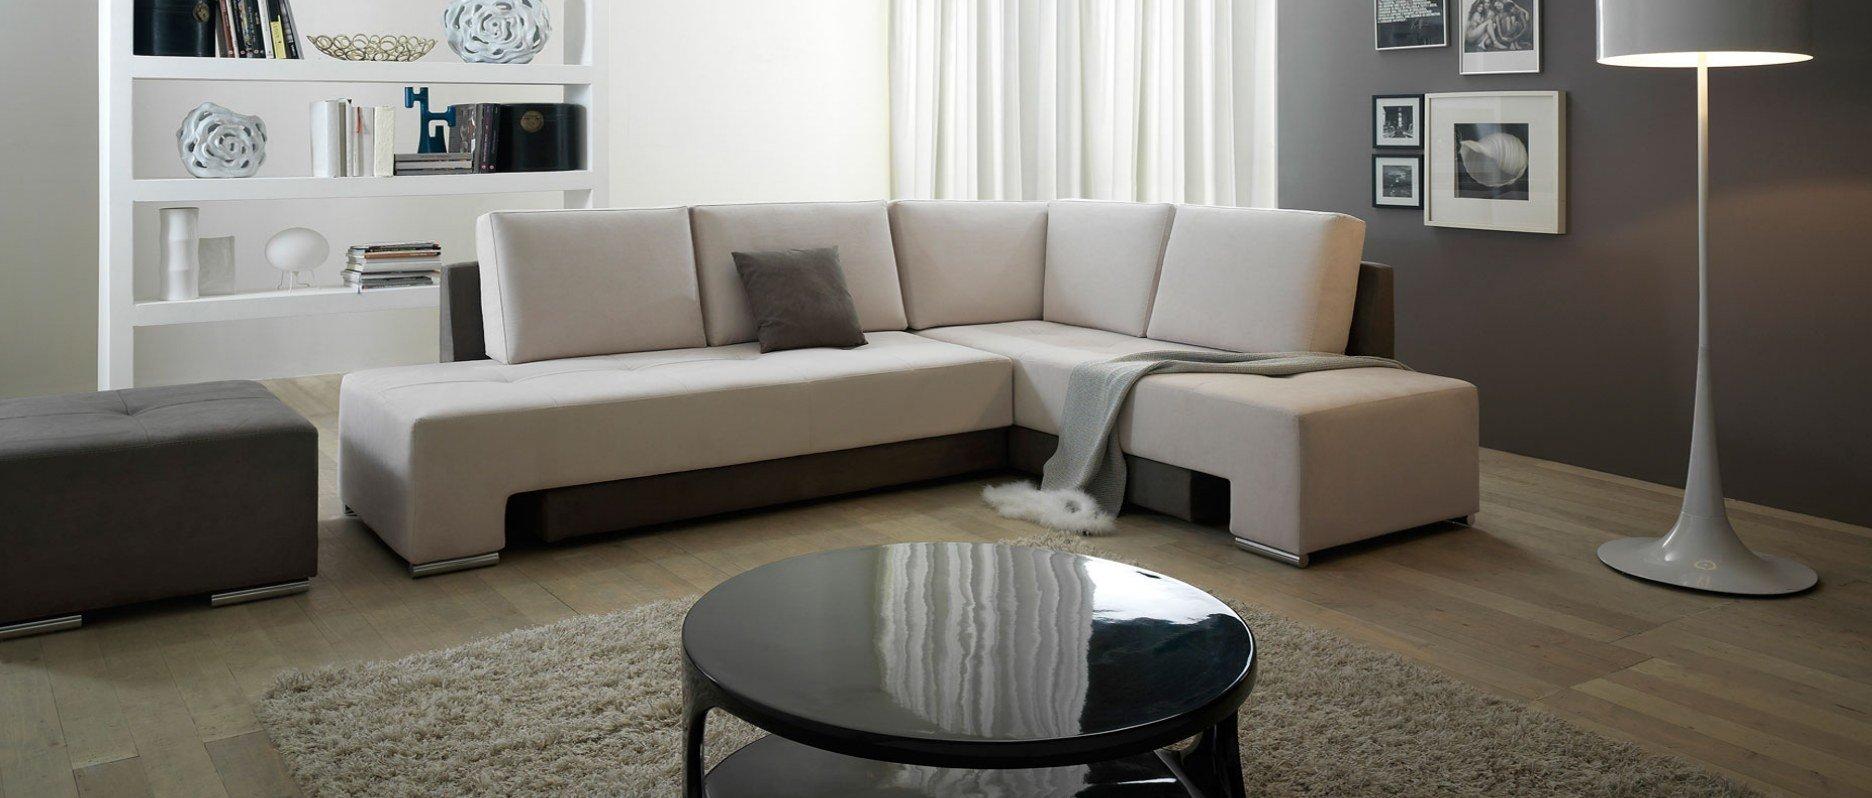 sala con divano angolare e un tavolino nero